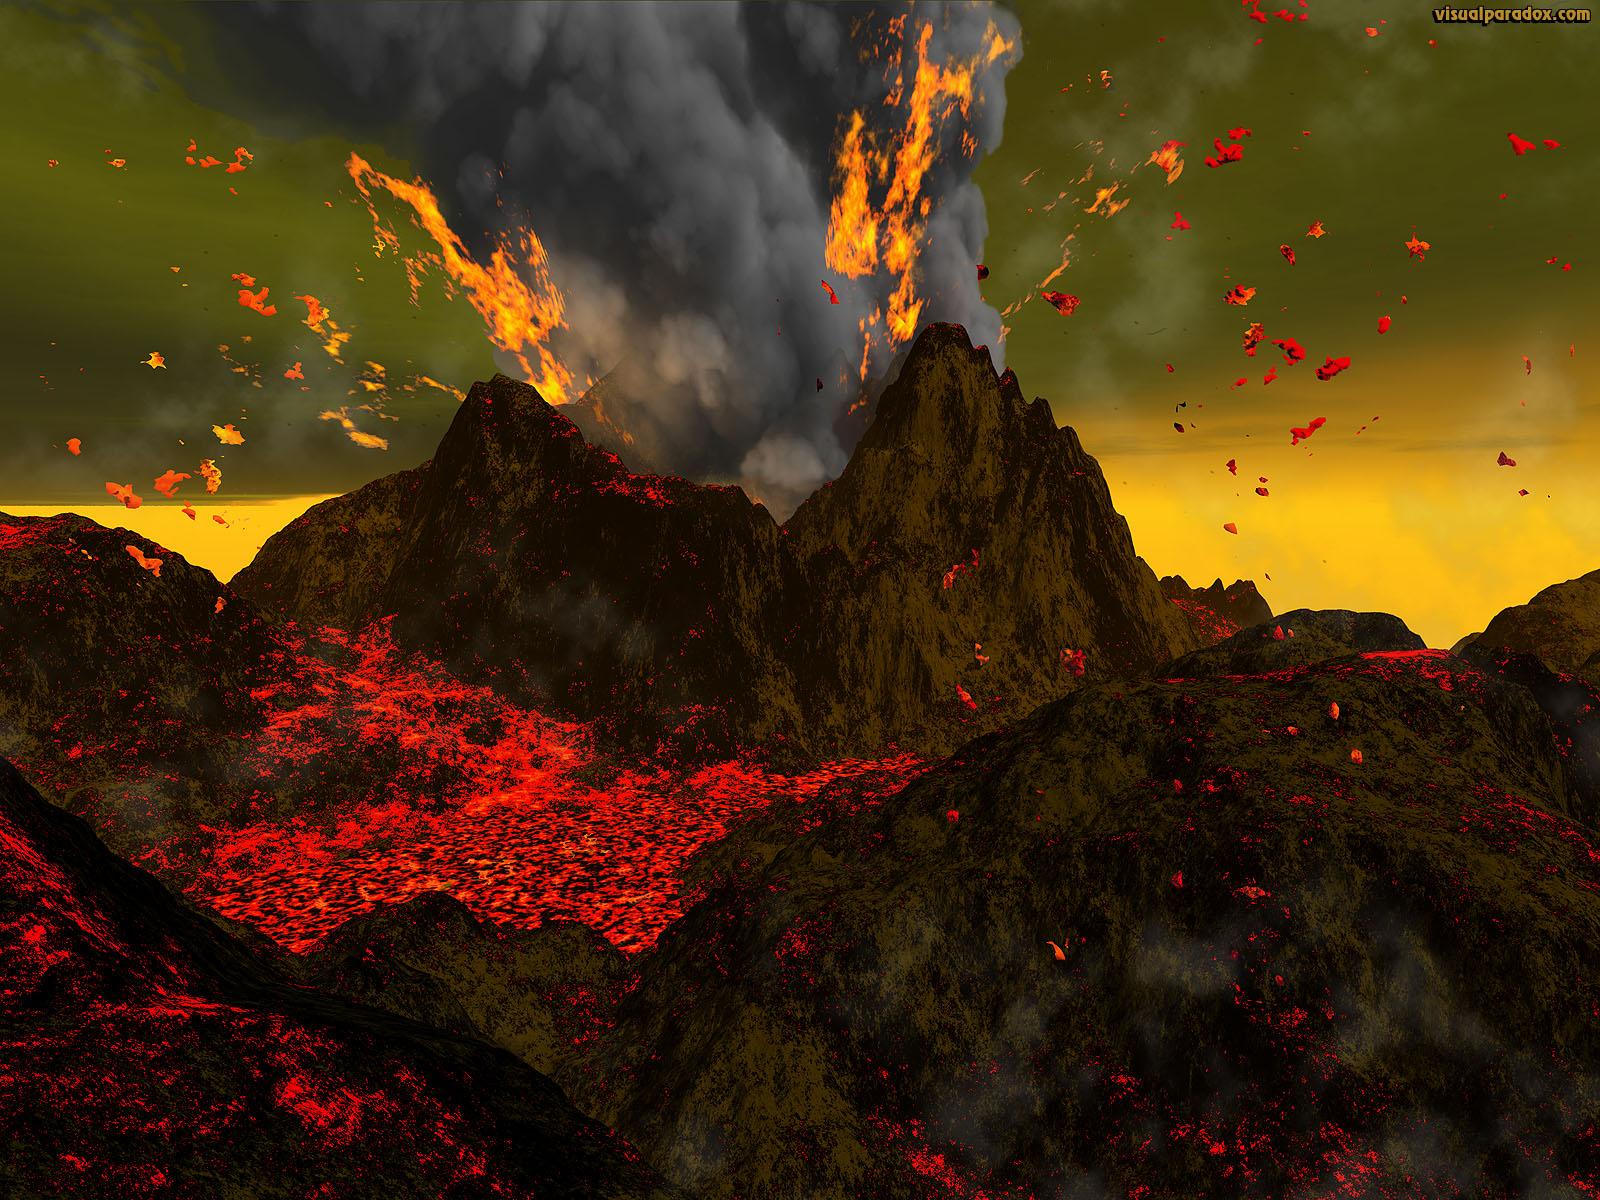 of 9 volcano hd widescreen wallpaper download 9 volcano hd widescreen 1600x1200